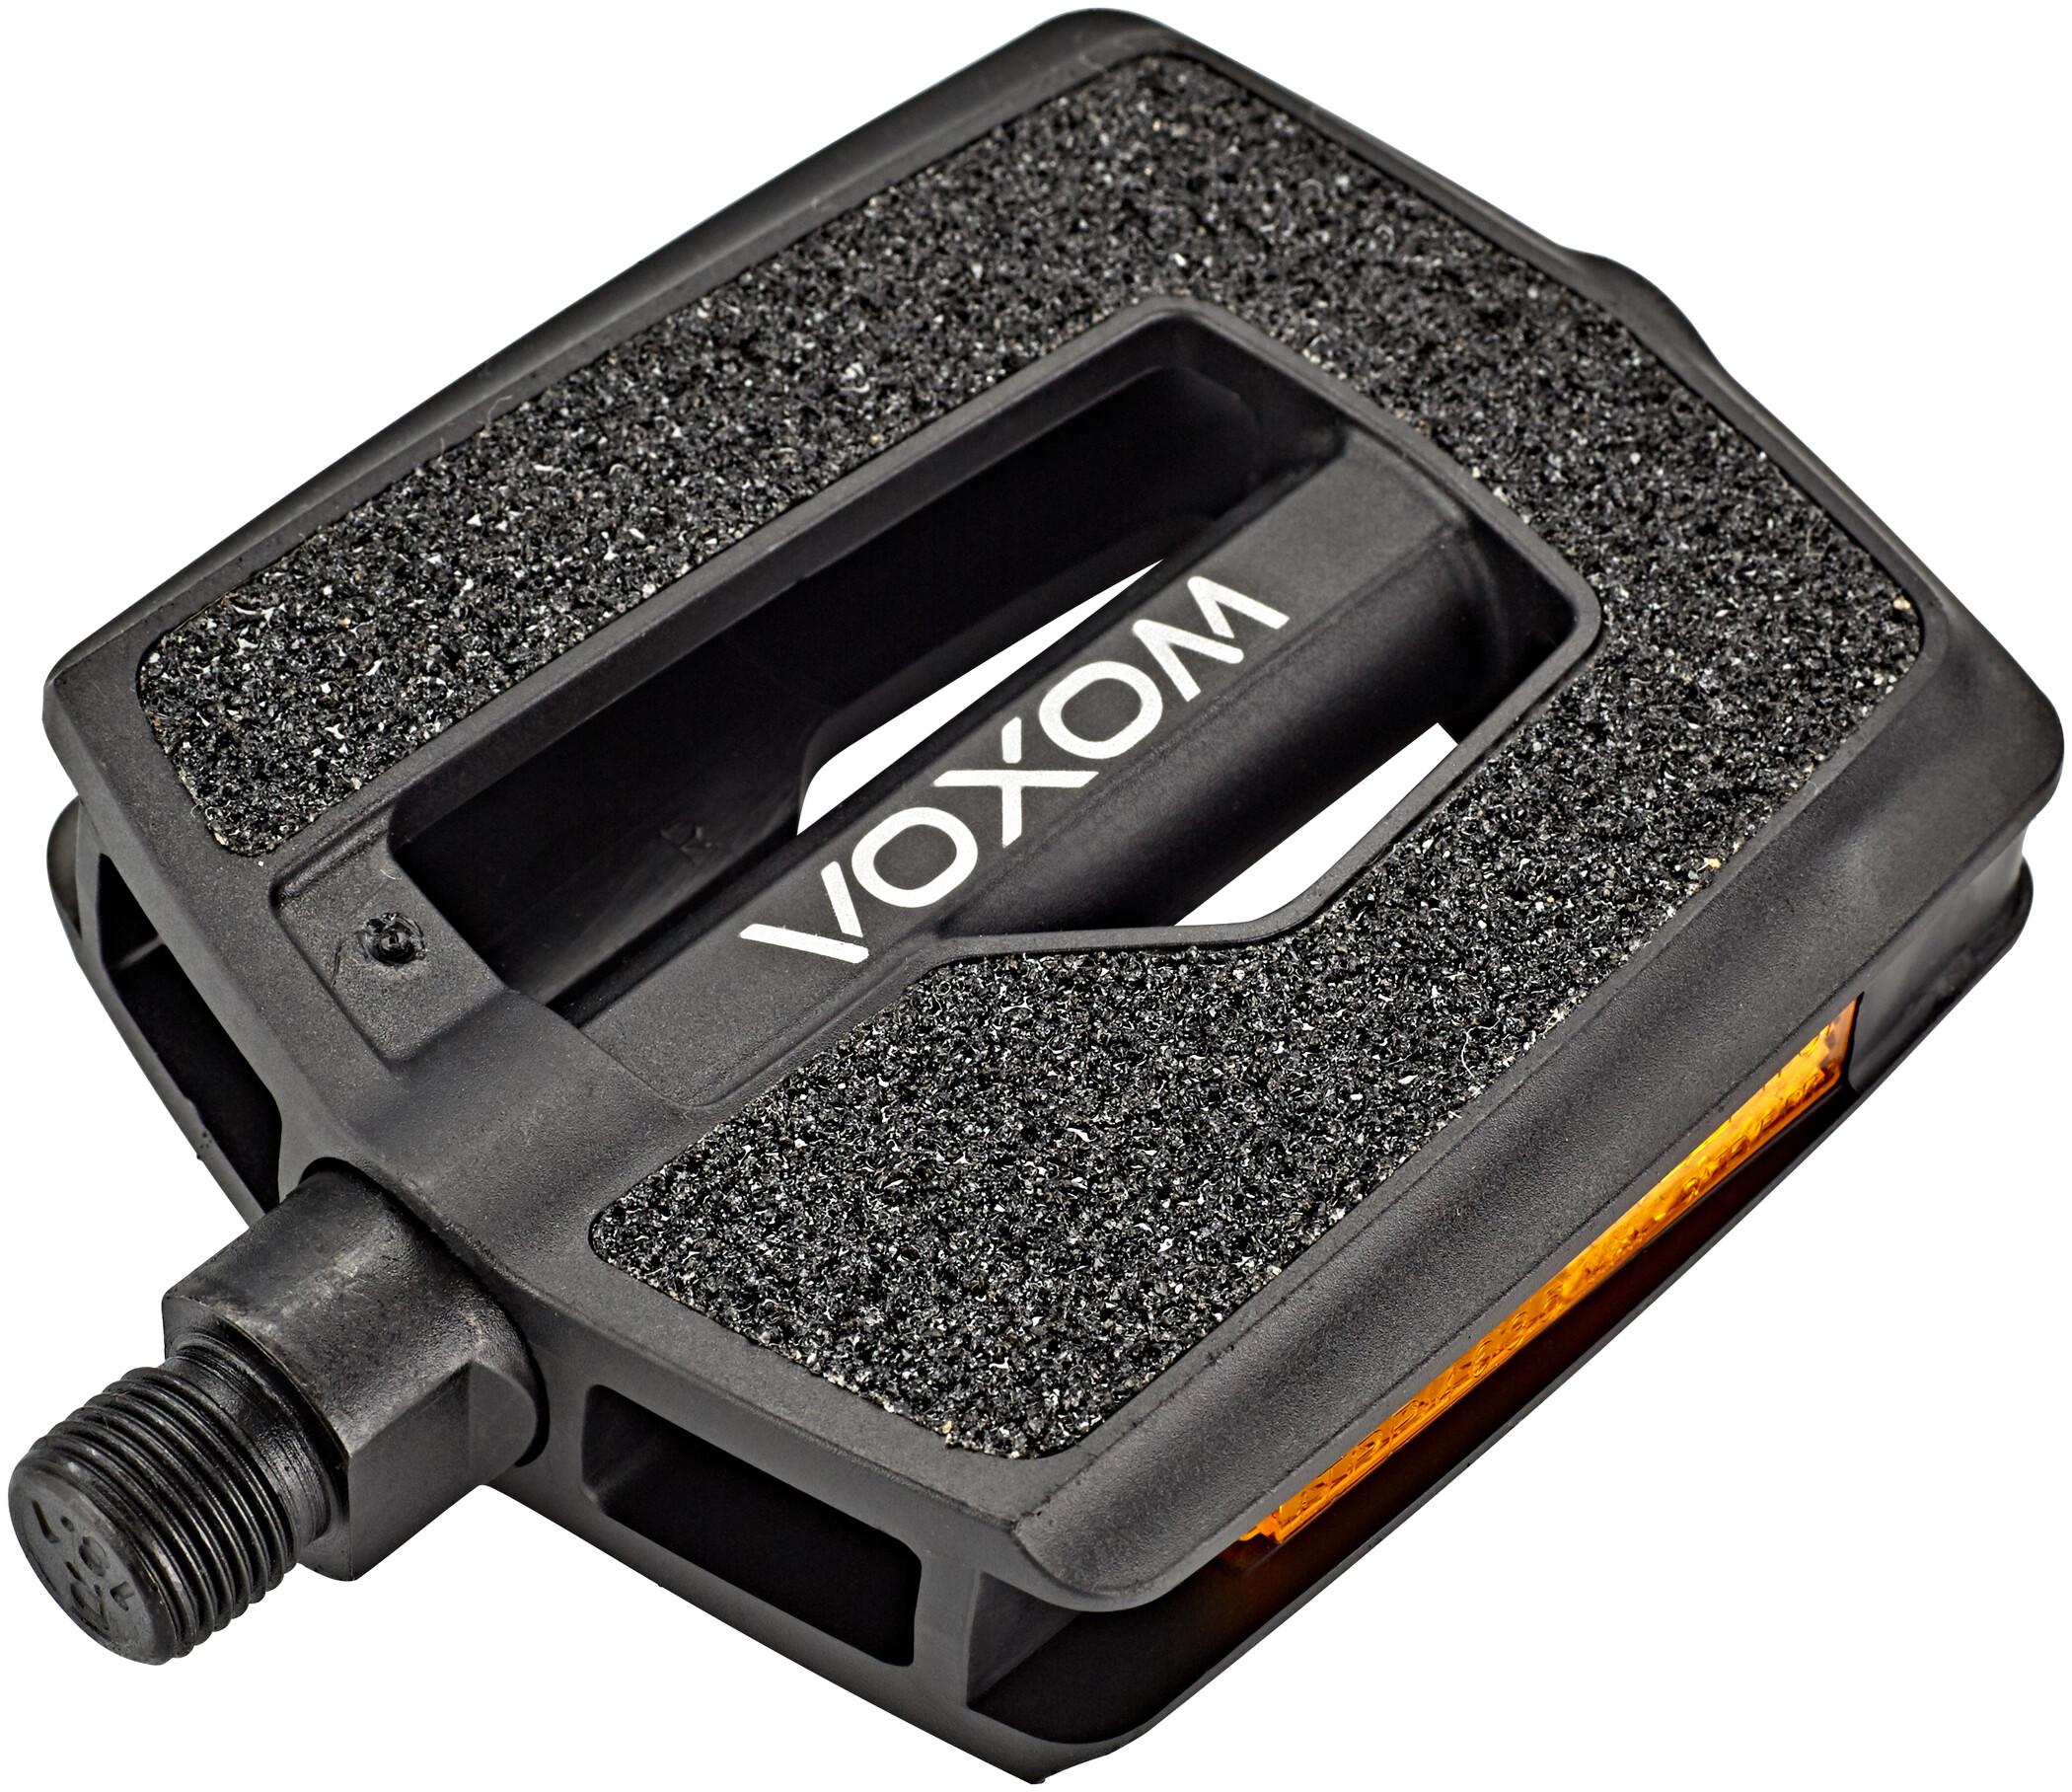 Voxom Trekking Pe1 Pedaler, black (2019)   Pedals